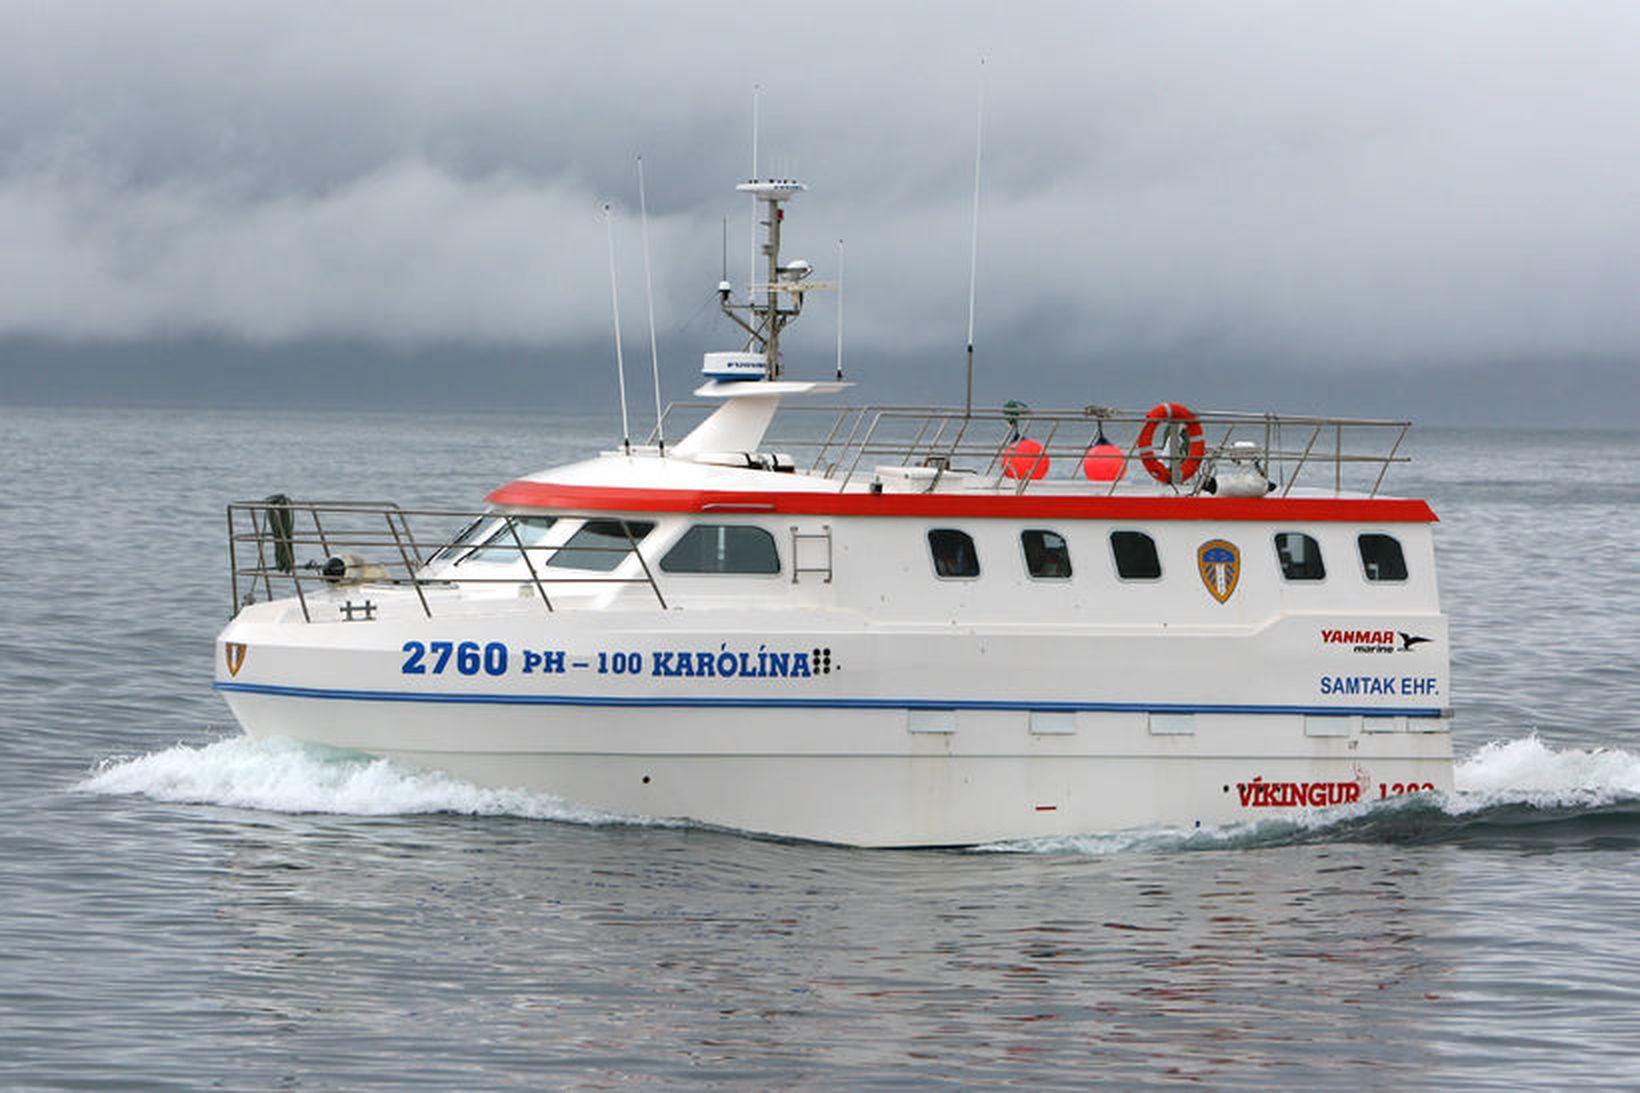 Þeir sem ætla að uppfæra skipstjórnarréttindi sín í samræmi við …